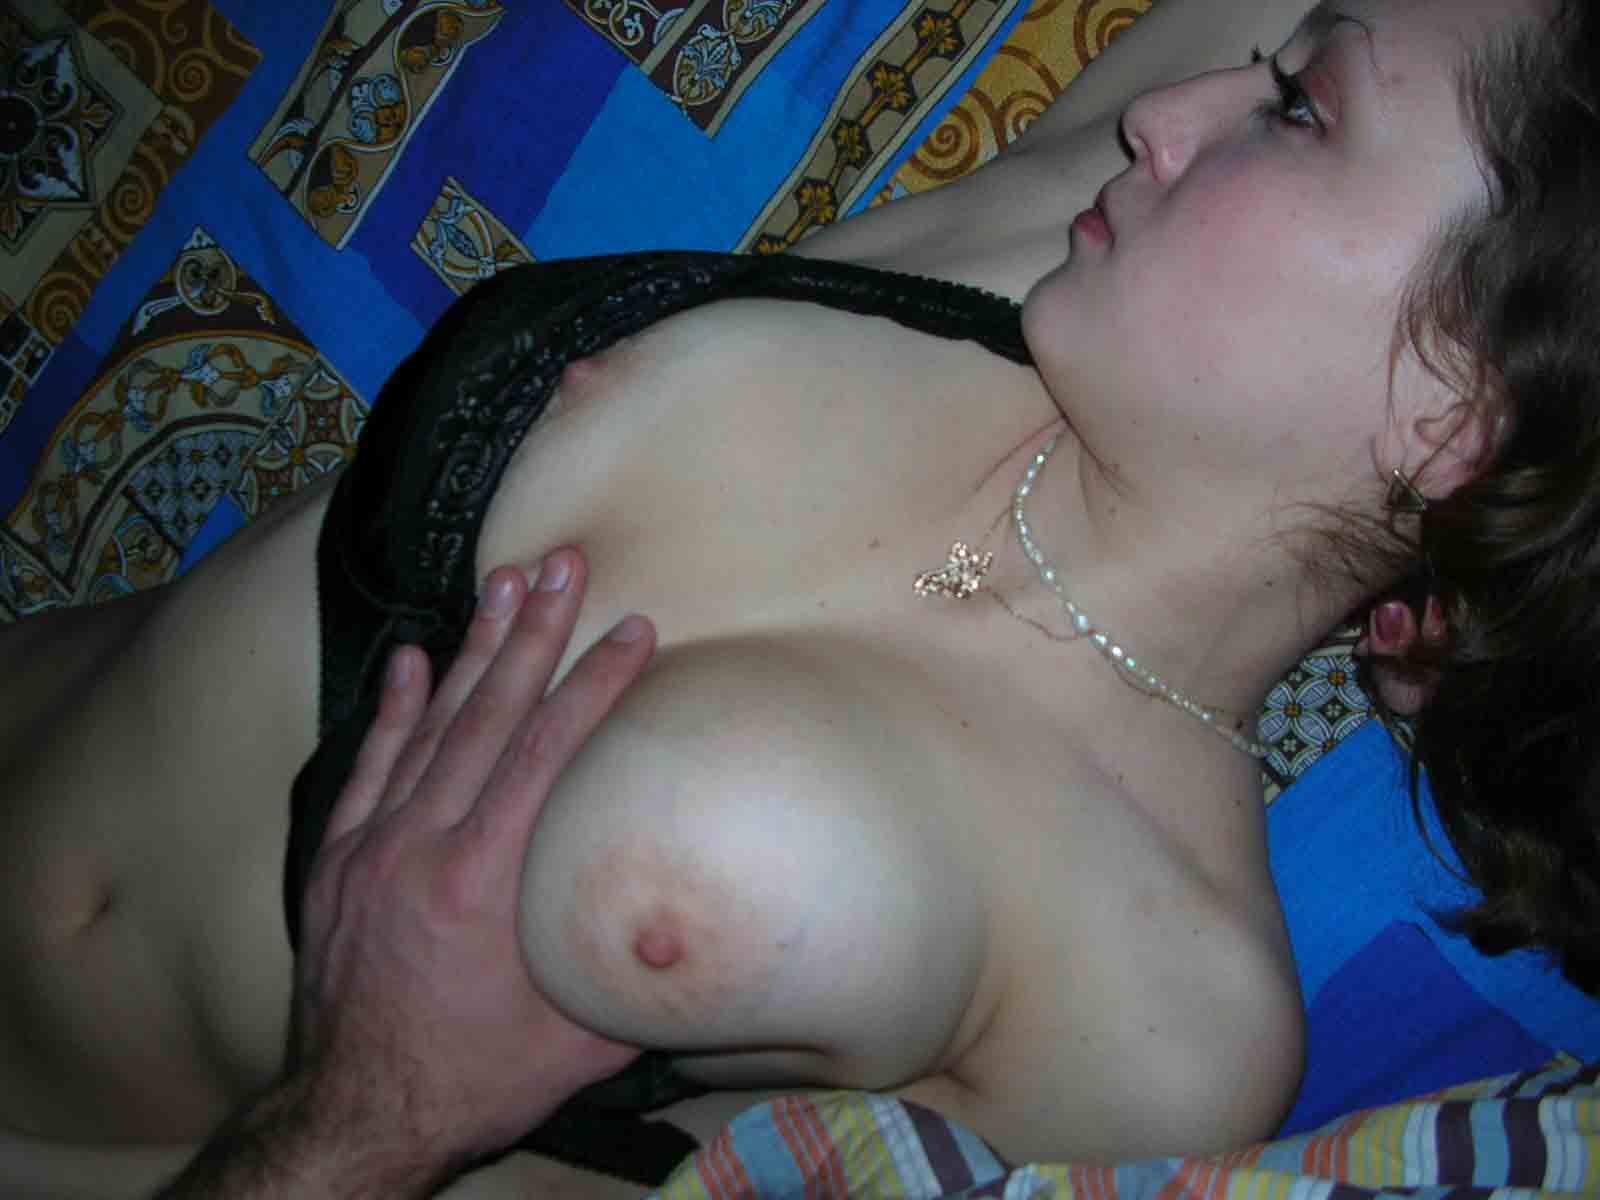 работы смотреть как жених трогает сиськи жены смотреть секс знает или кто